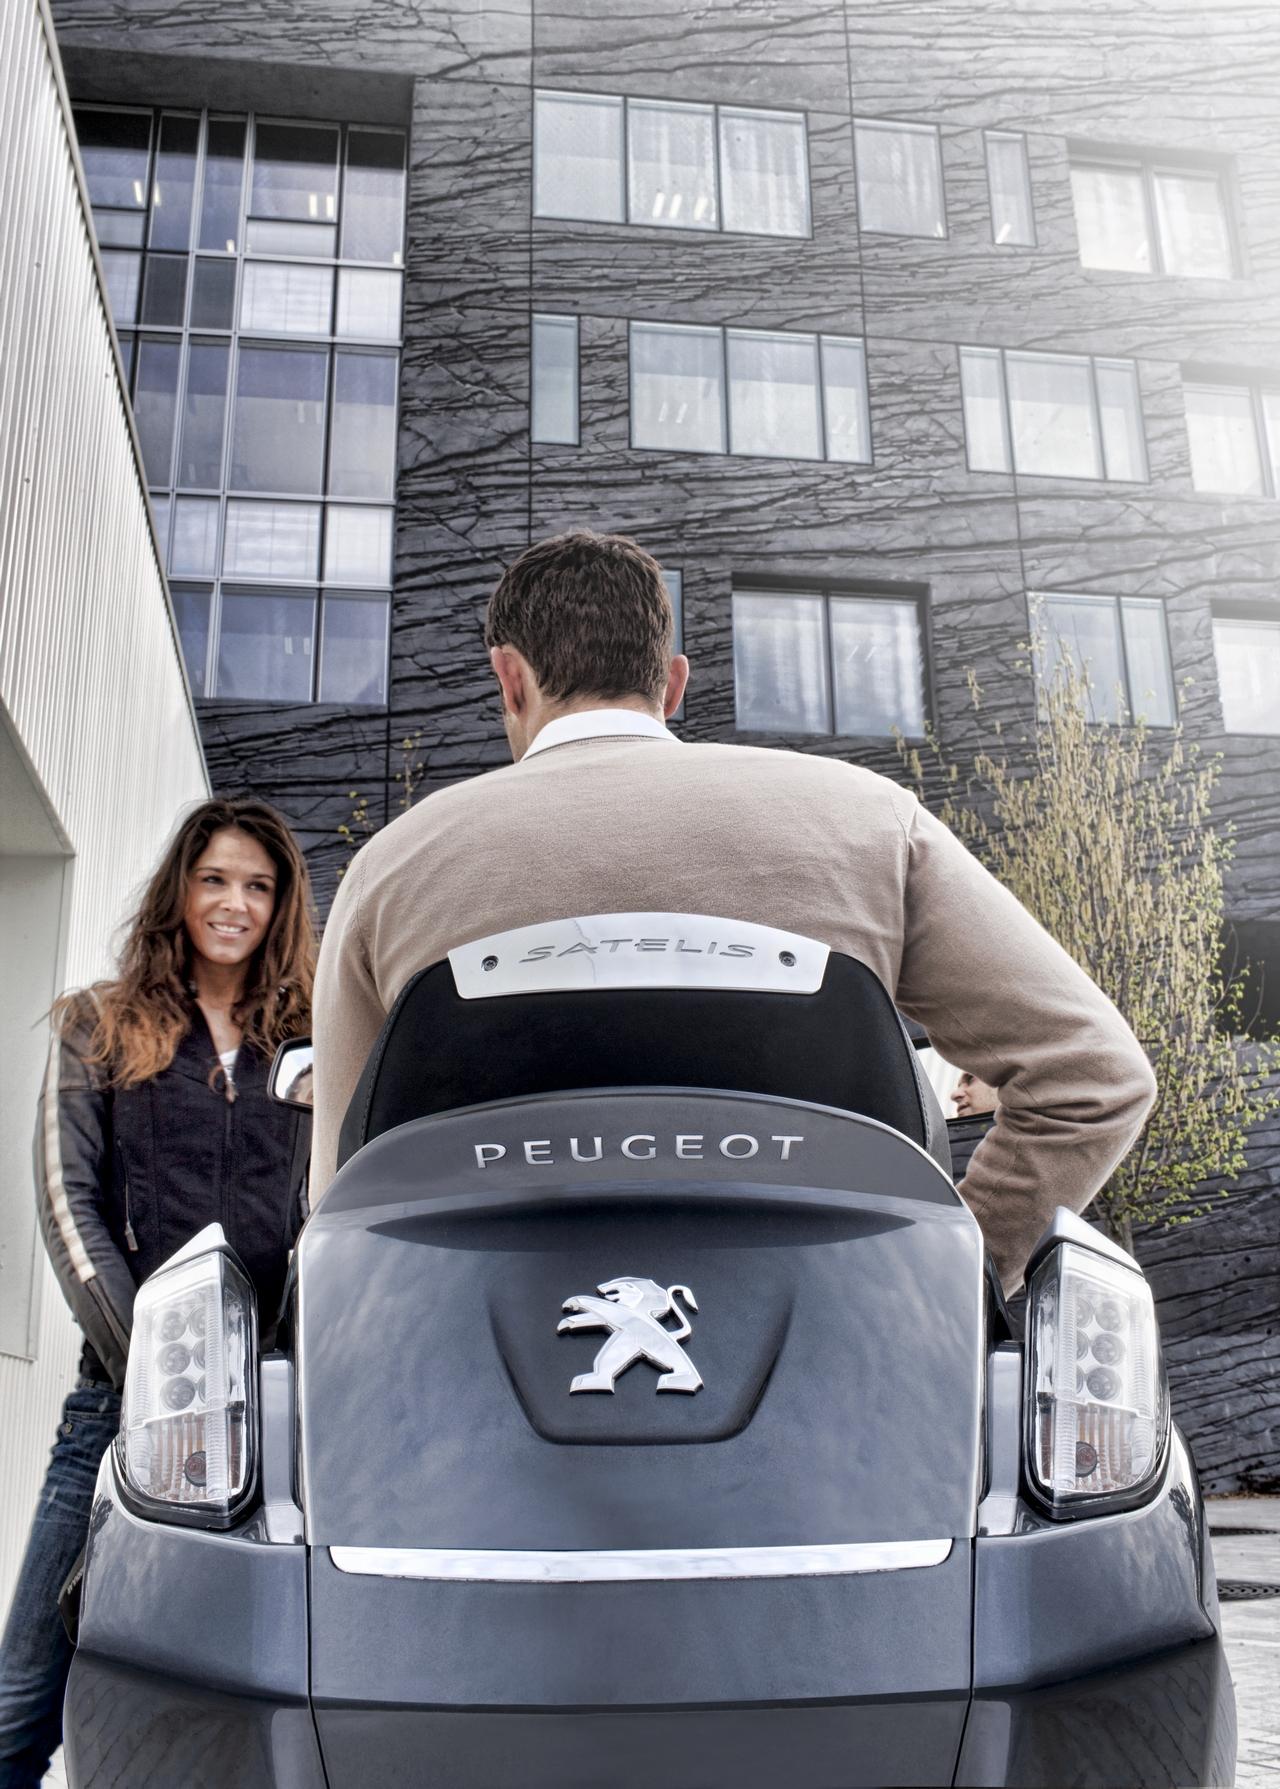 Peugeot Satelis - EICMA 2012